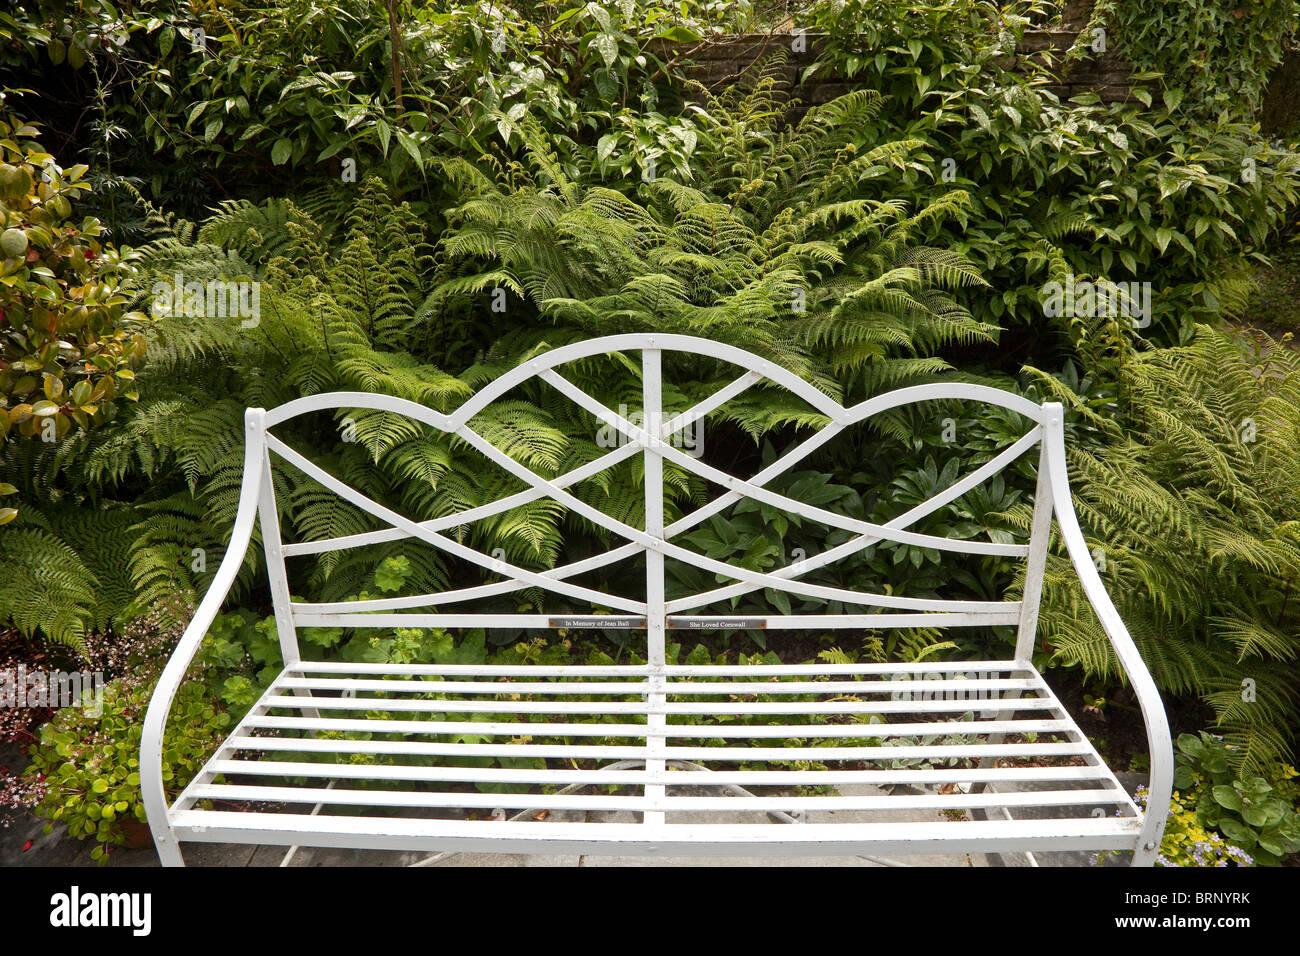 Banc De Jardin Orné De Métal Blanc Accueillant Avec Un Fond Fern